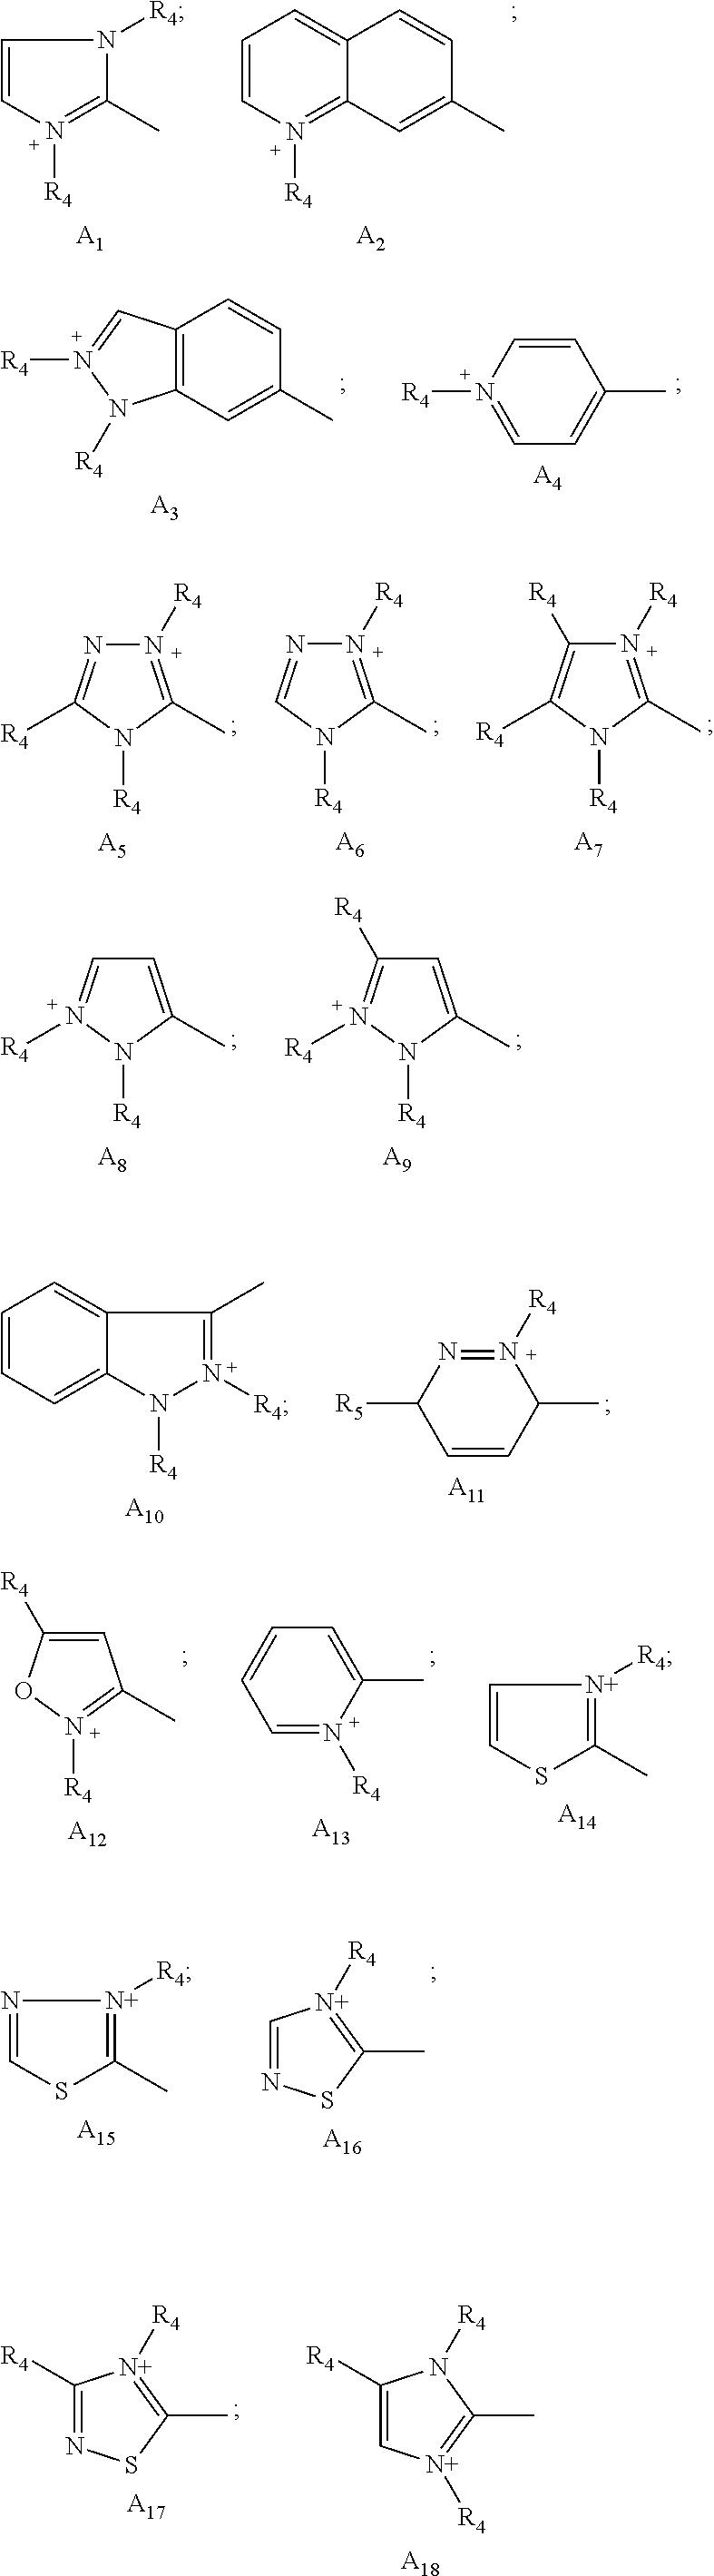 Figure US20110155166A1-20110630-C00006